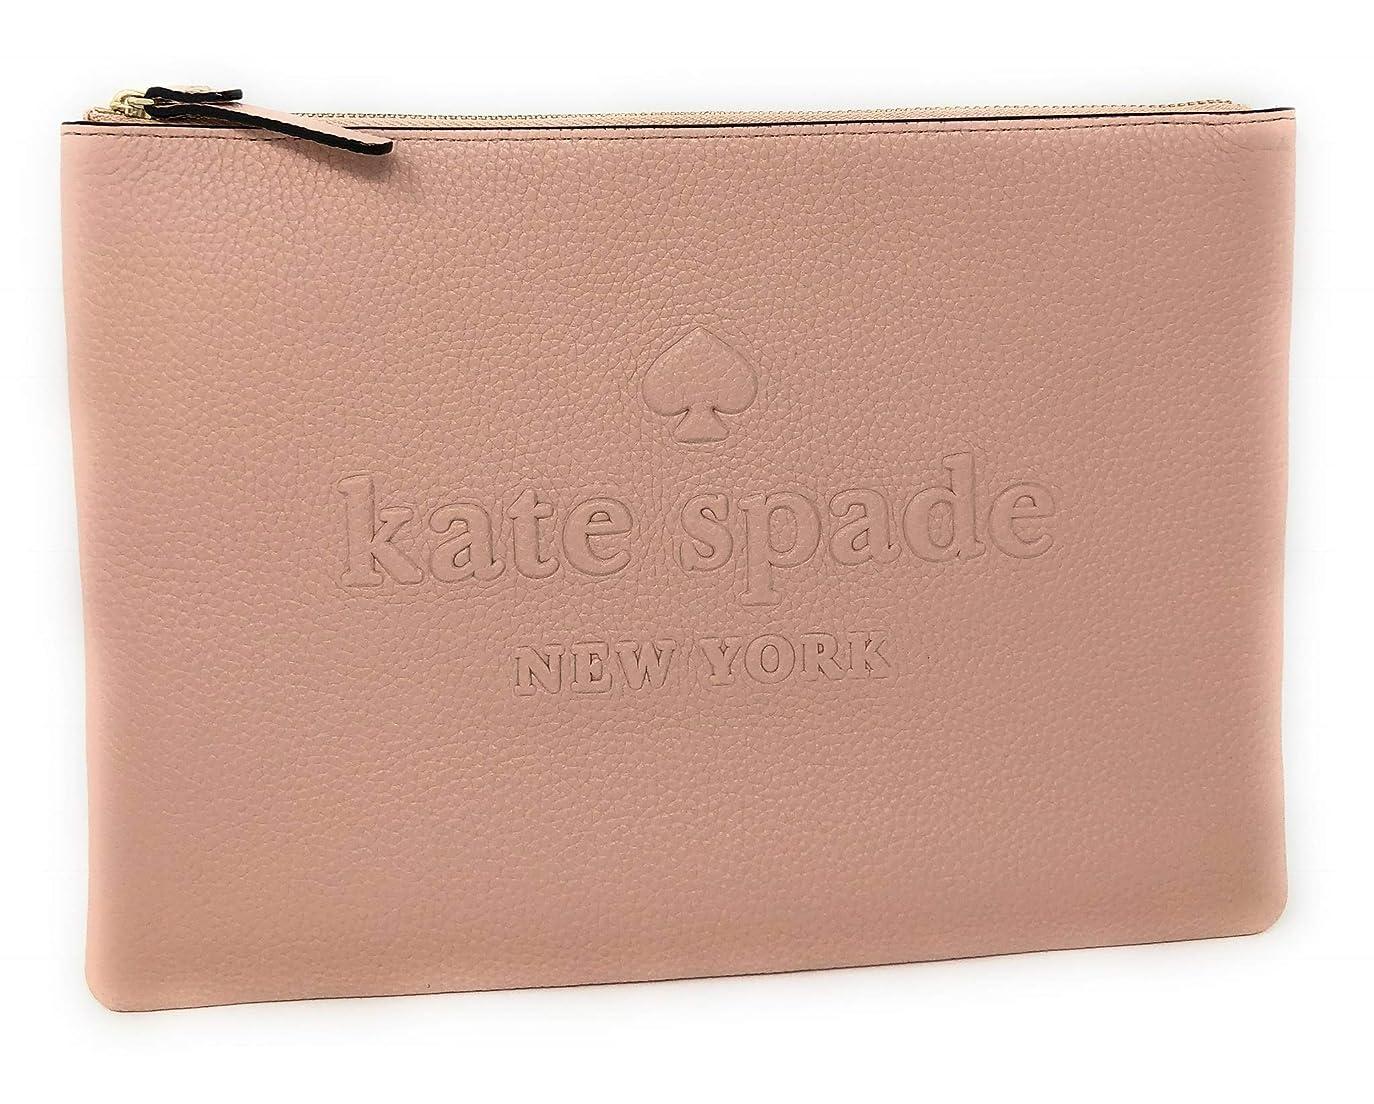 エコー項目未亡人Kate Spade New York レディース US サイズ: S カラー: ピンク